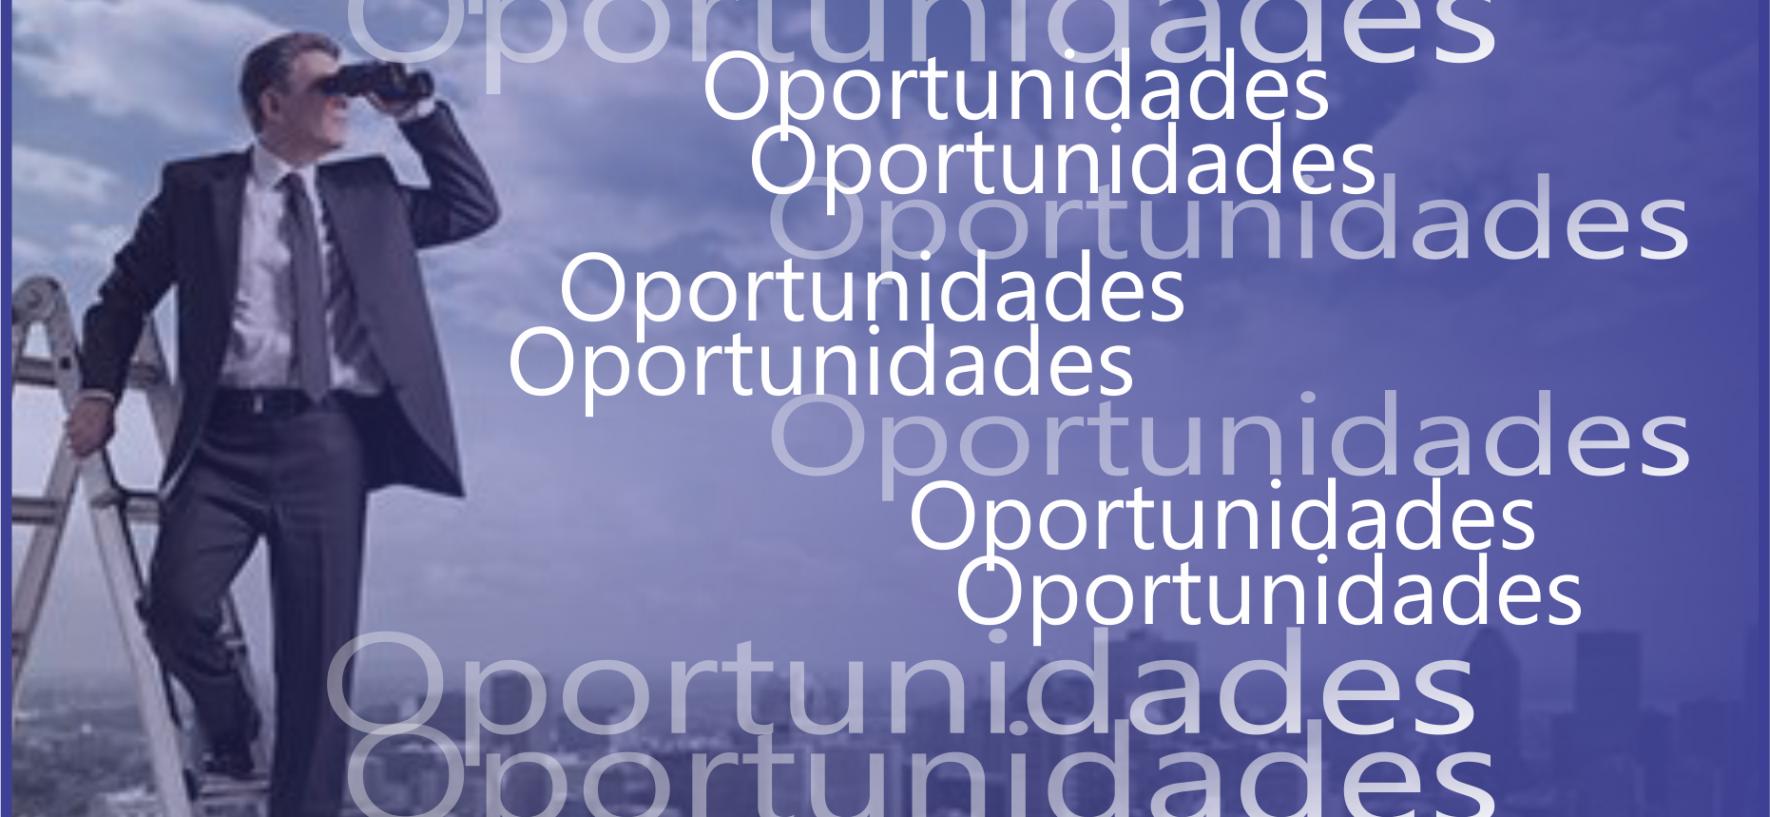 Você acha que possui as oportunidades certas, para alcançar o que almeja?